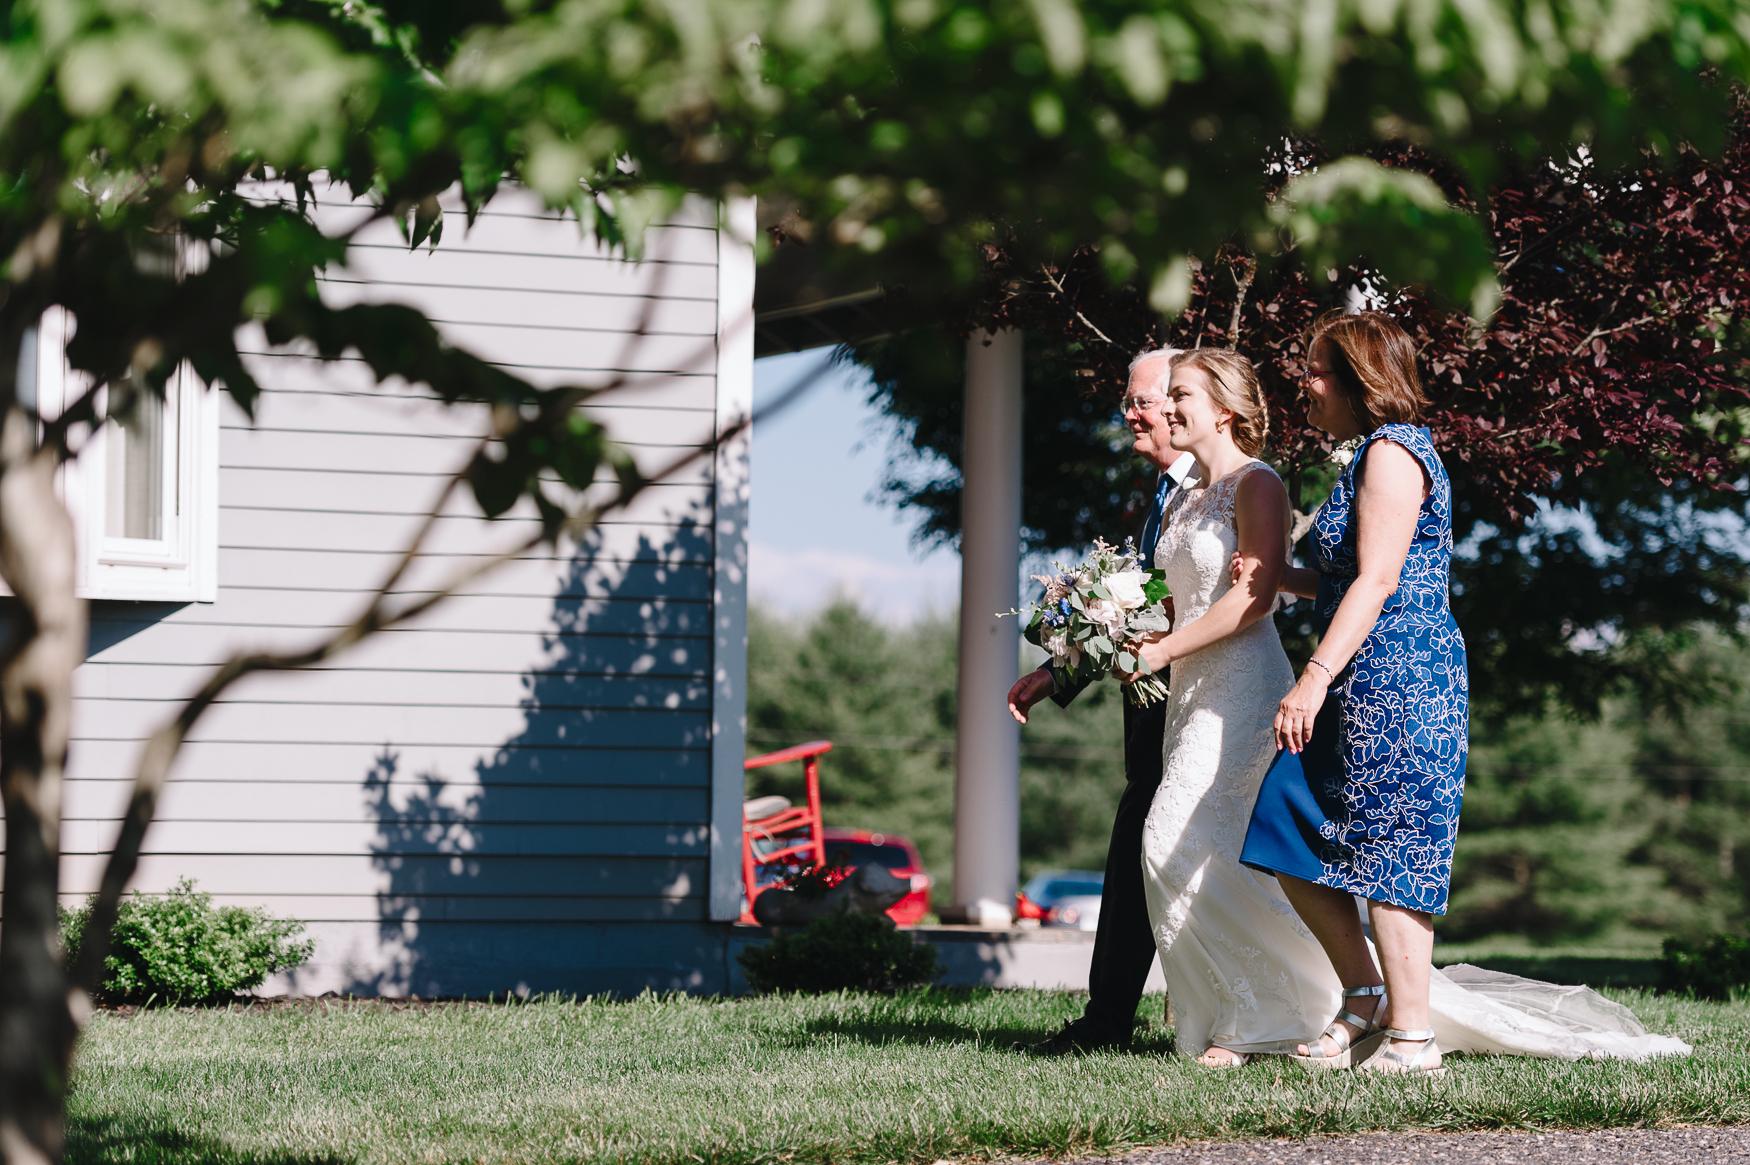 charlottesvillewedding_backyardwedding_virginia_youseephotography_CaitlinDerek (47).jpg